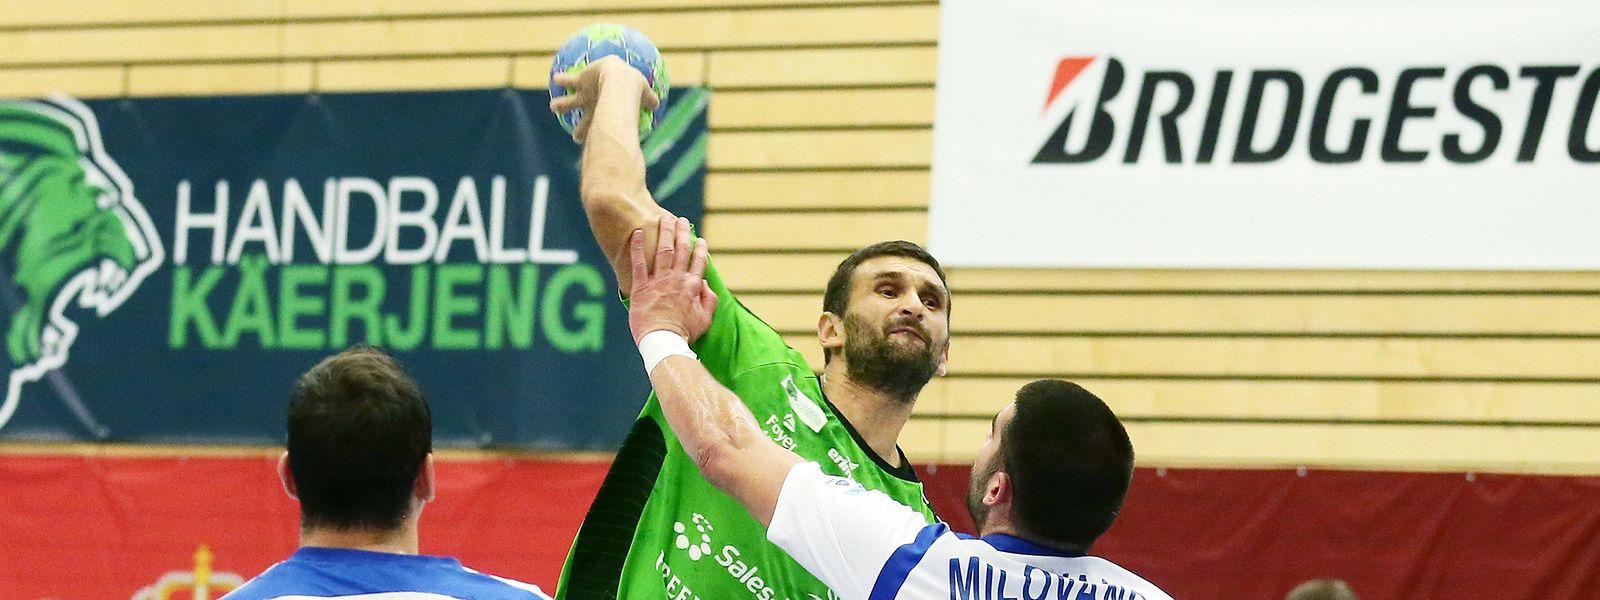 Zoran Radojevic wird in dieser Szene energisch gestört.